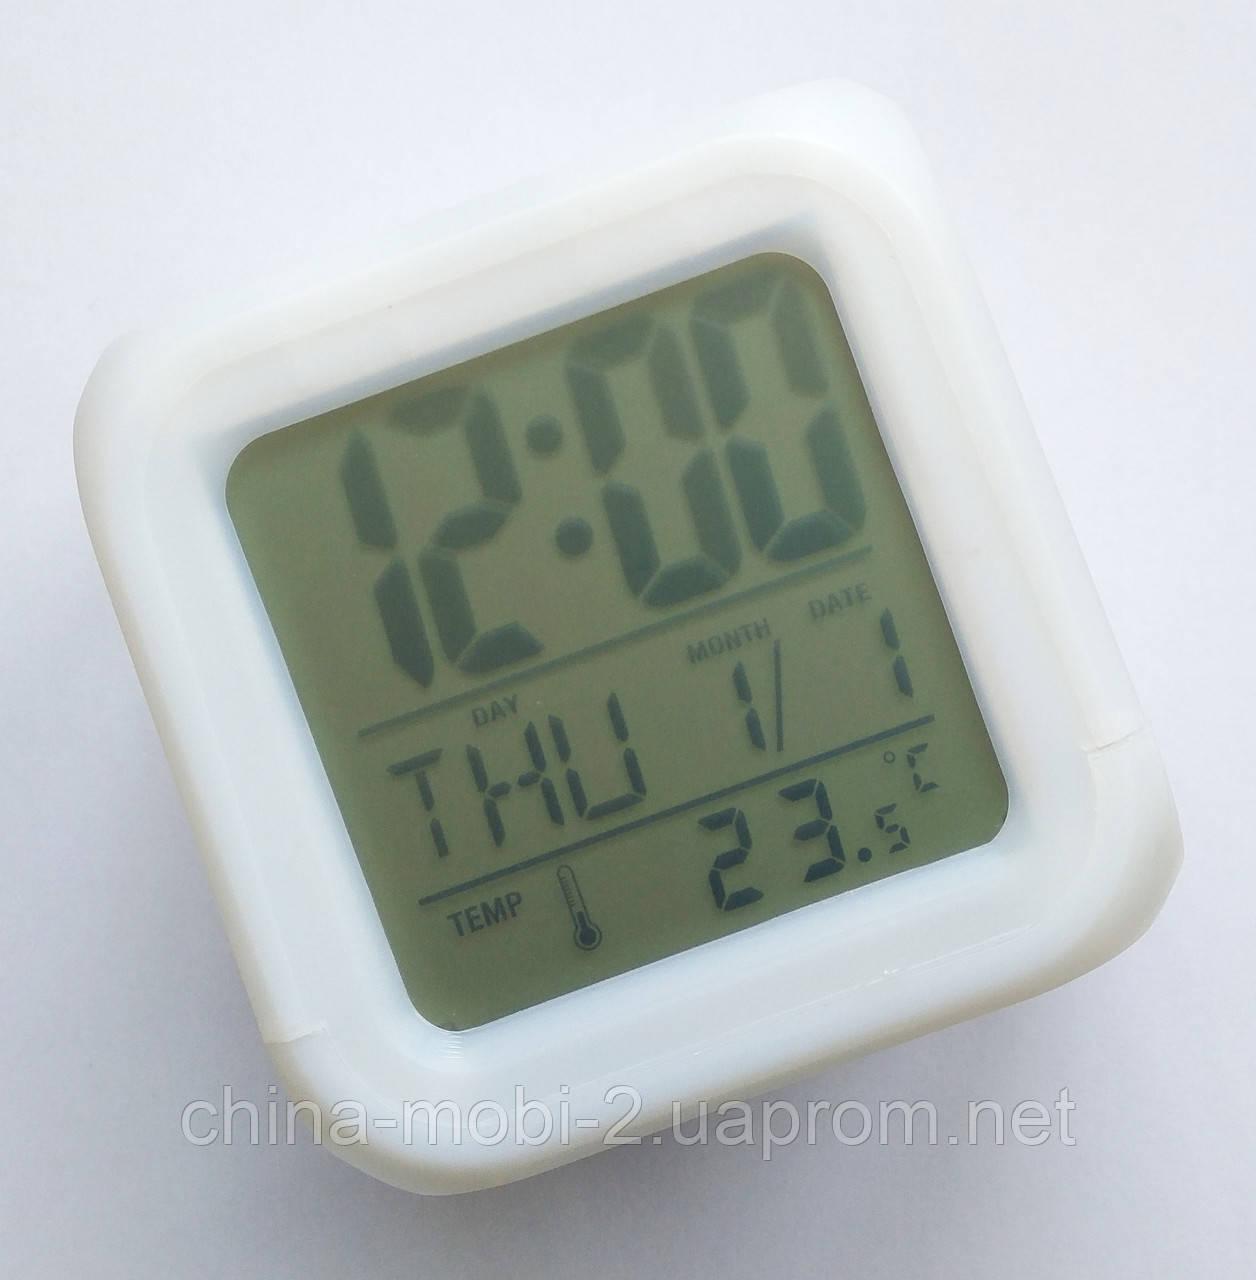 Светящиеся часы-кубик CX 508, ночник с будильником, термометром и календарём, 7 цветов подсветки